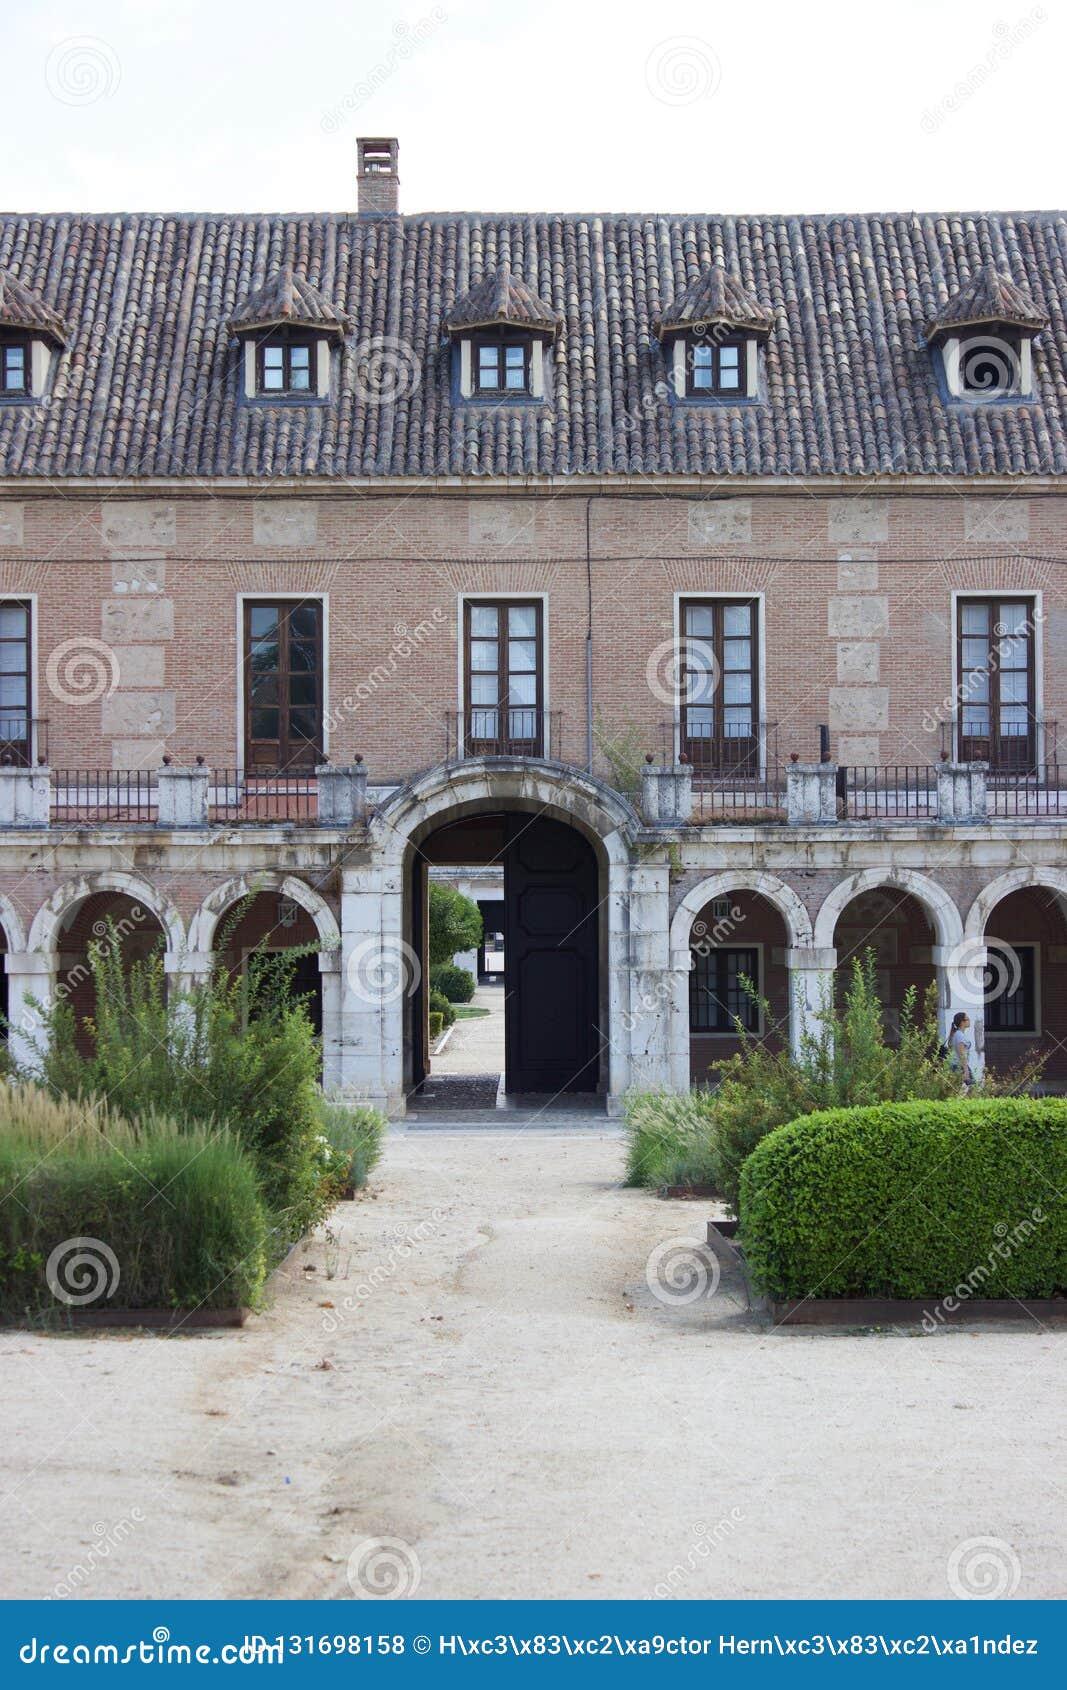 阿雷胡埃斯,西班牙;2018年11月12日:王宫边门面acess门和庭院